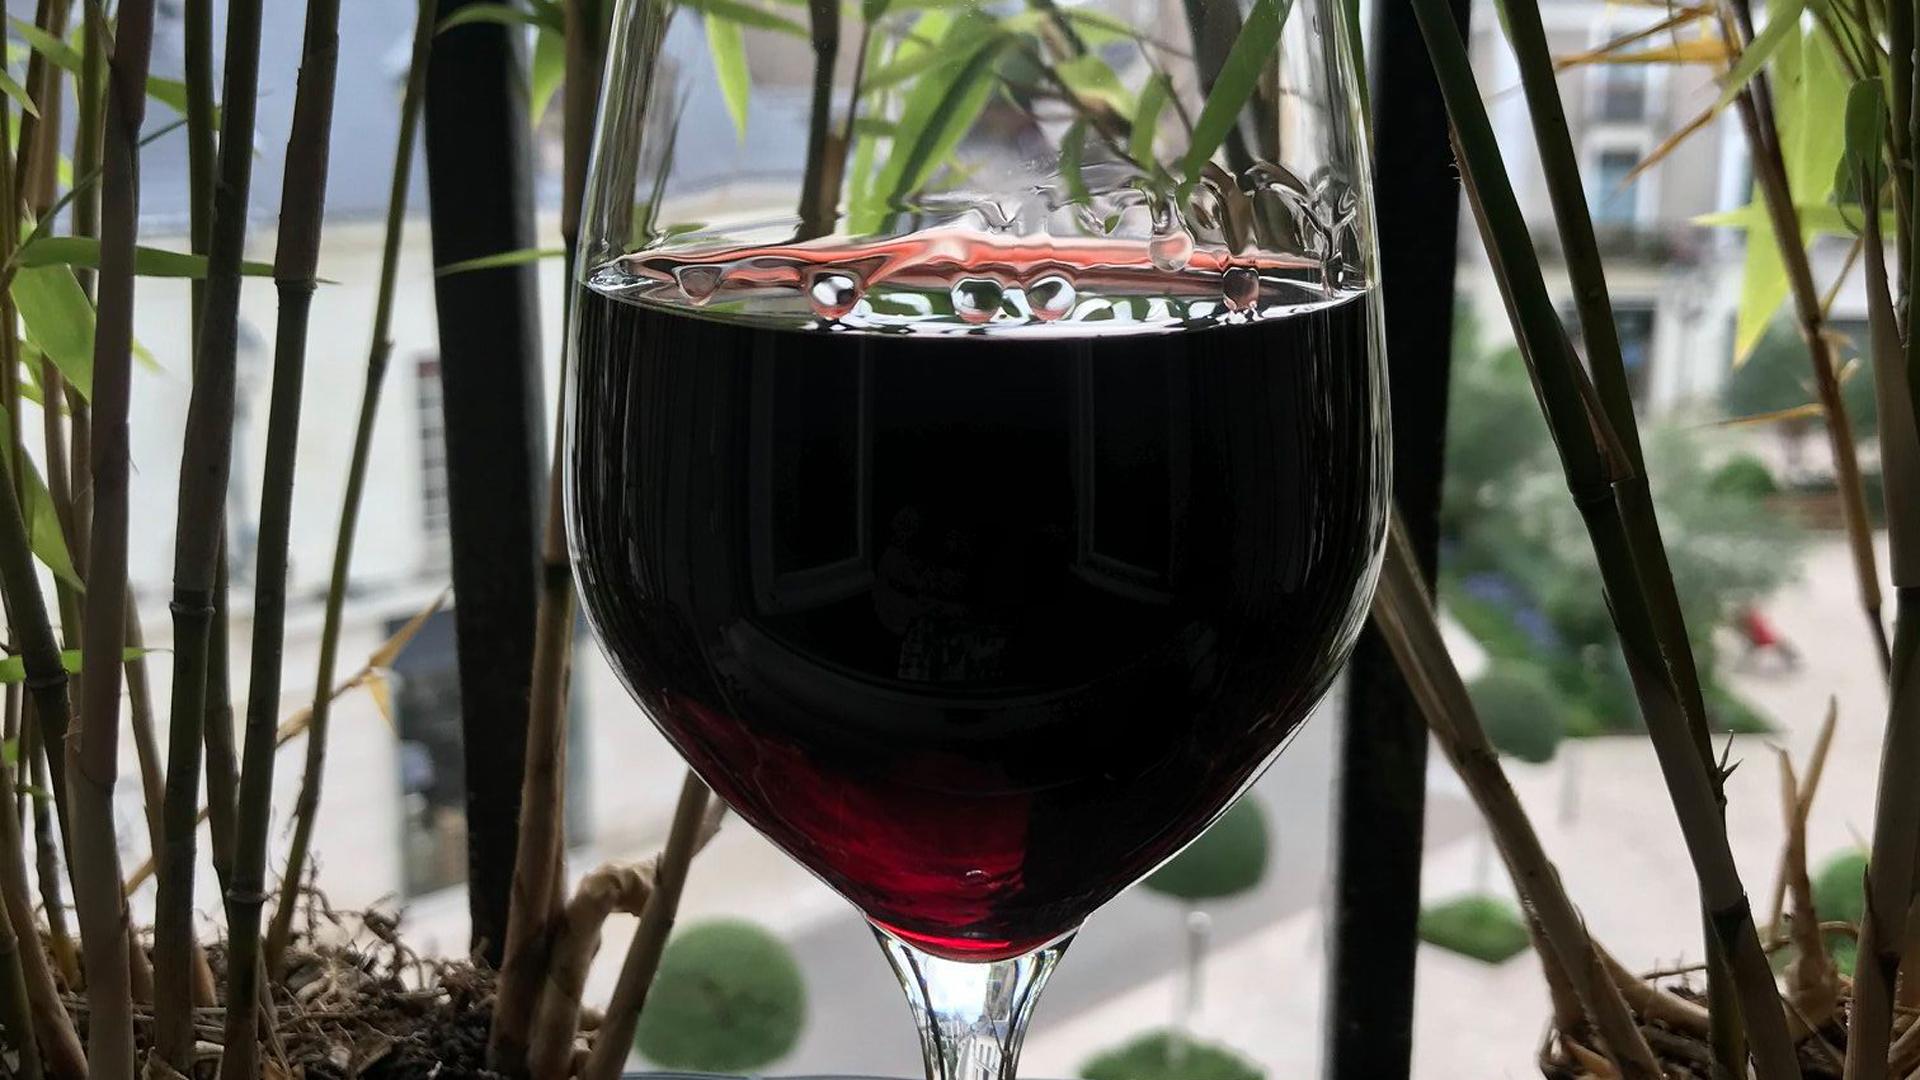 Un «verre» un peu rouge… Voire rempli d'un gros rouge qui tache…